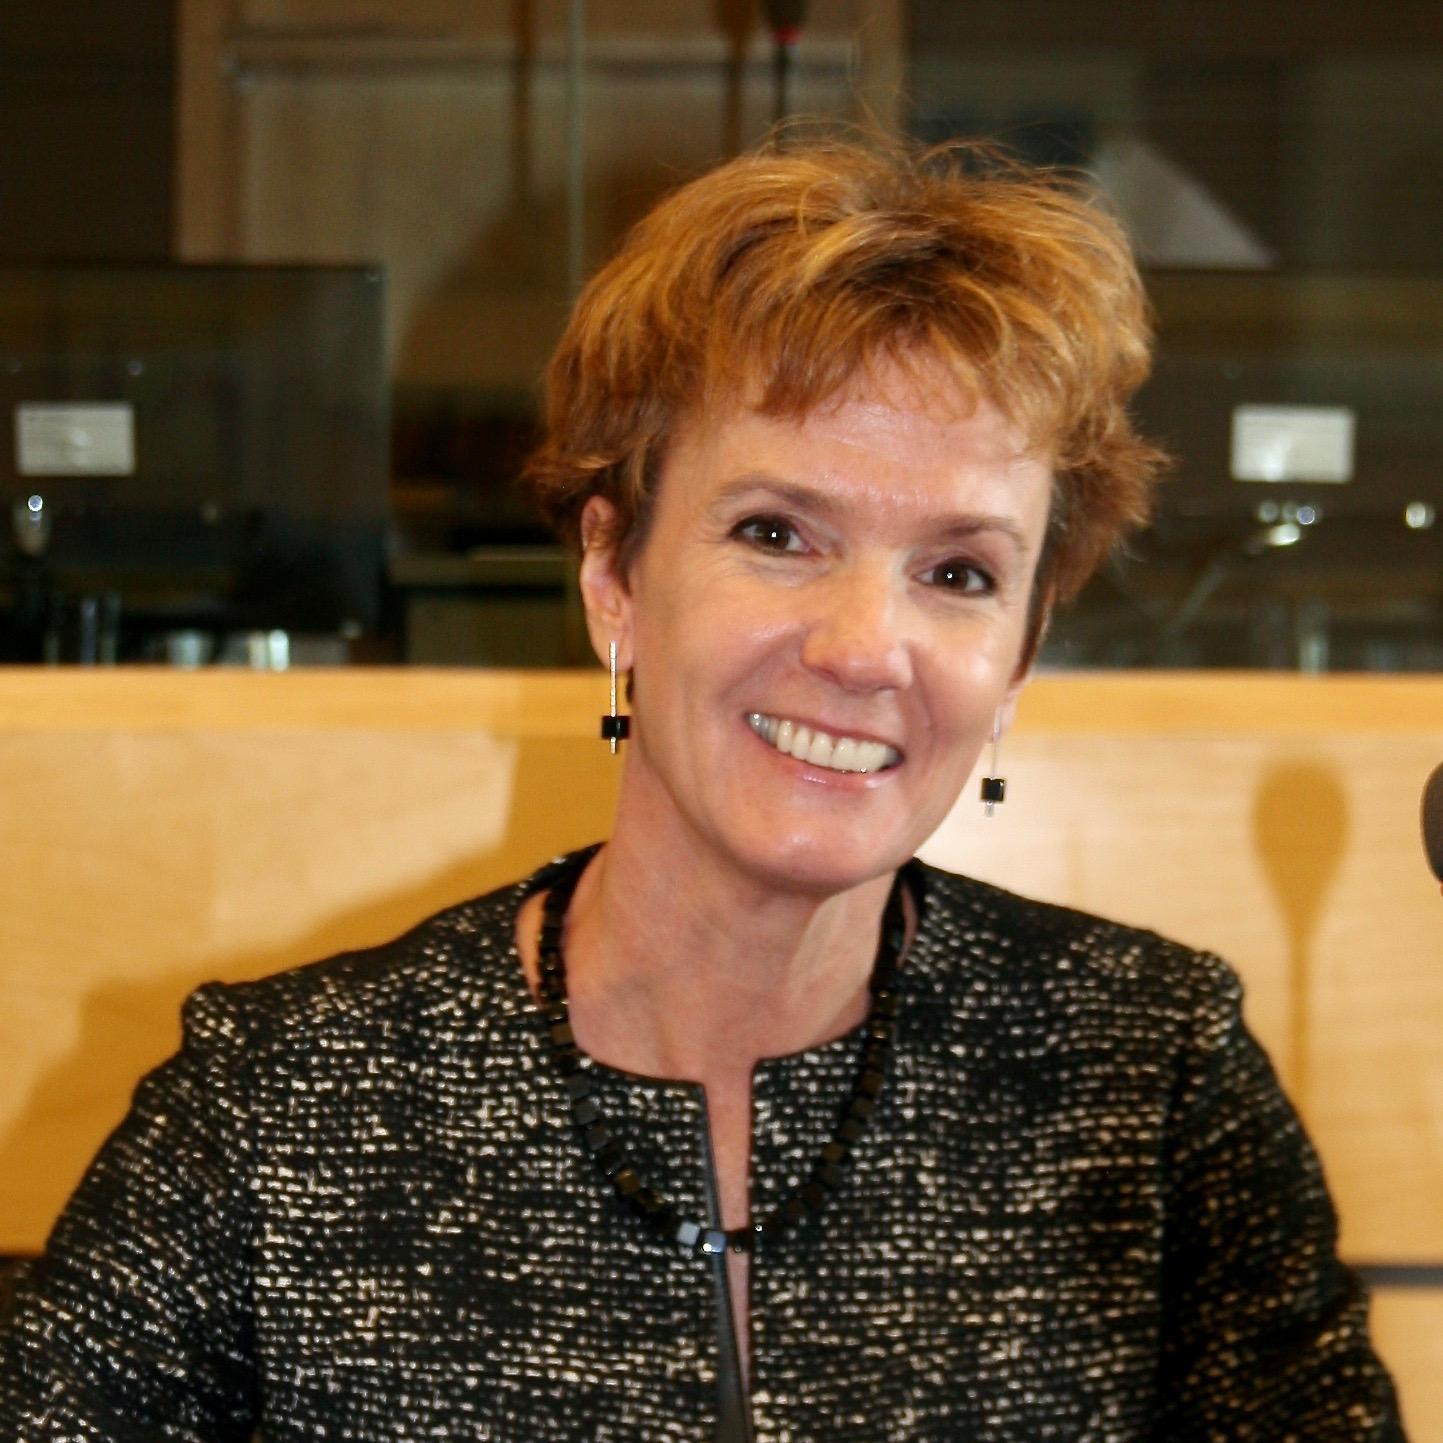 Ms. Sarah CLEVELAND